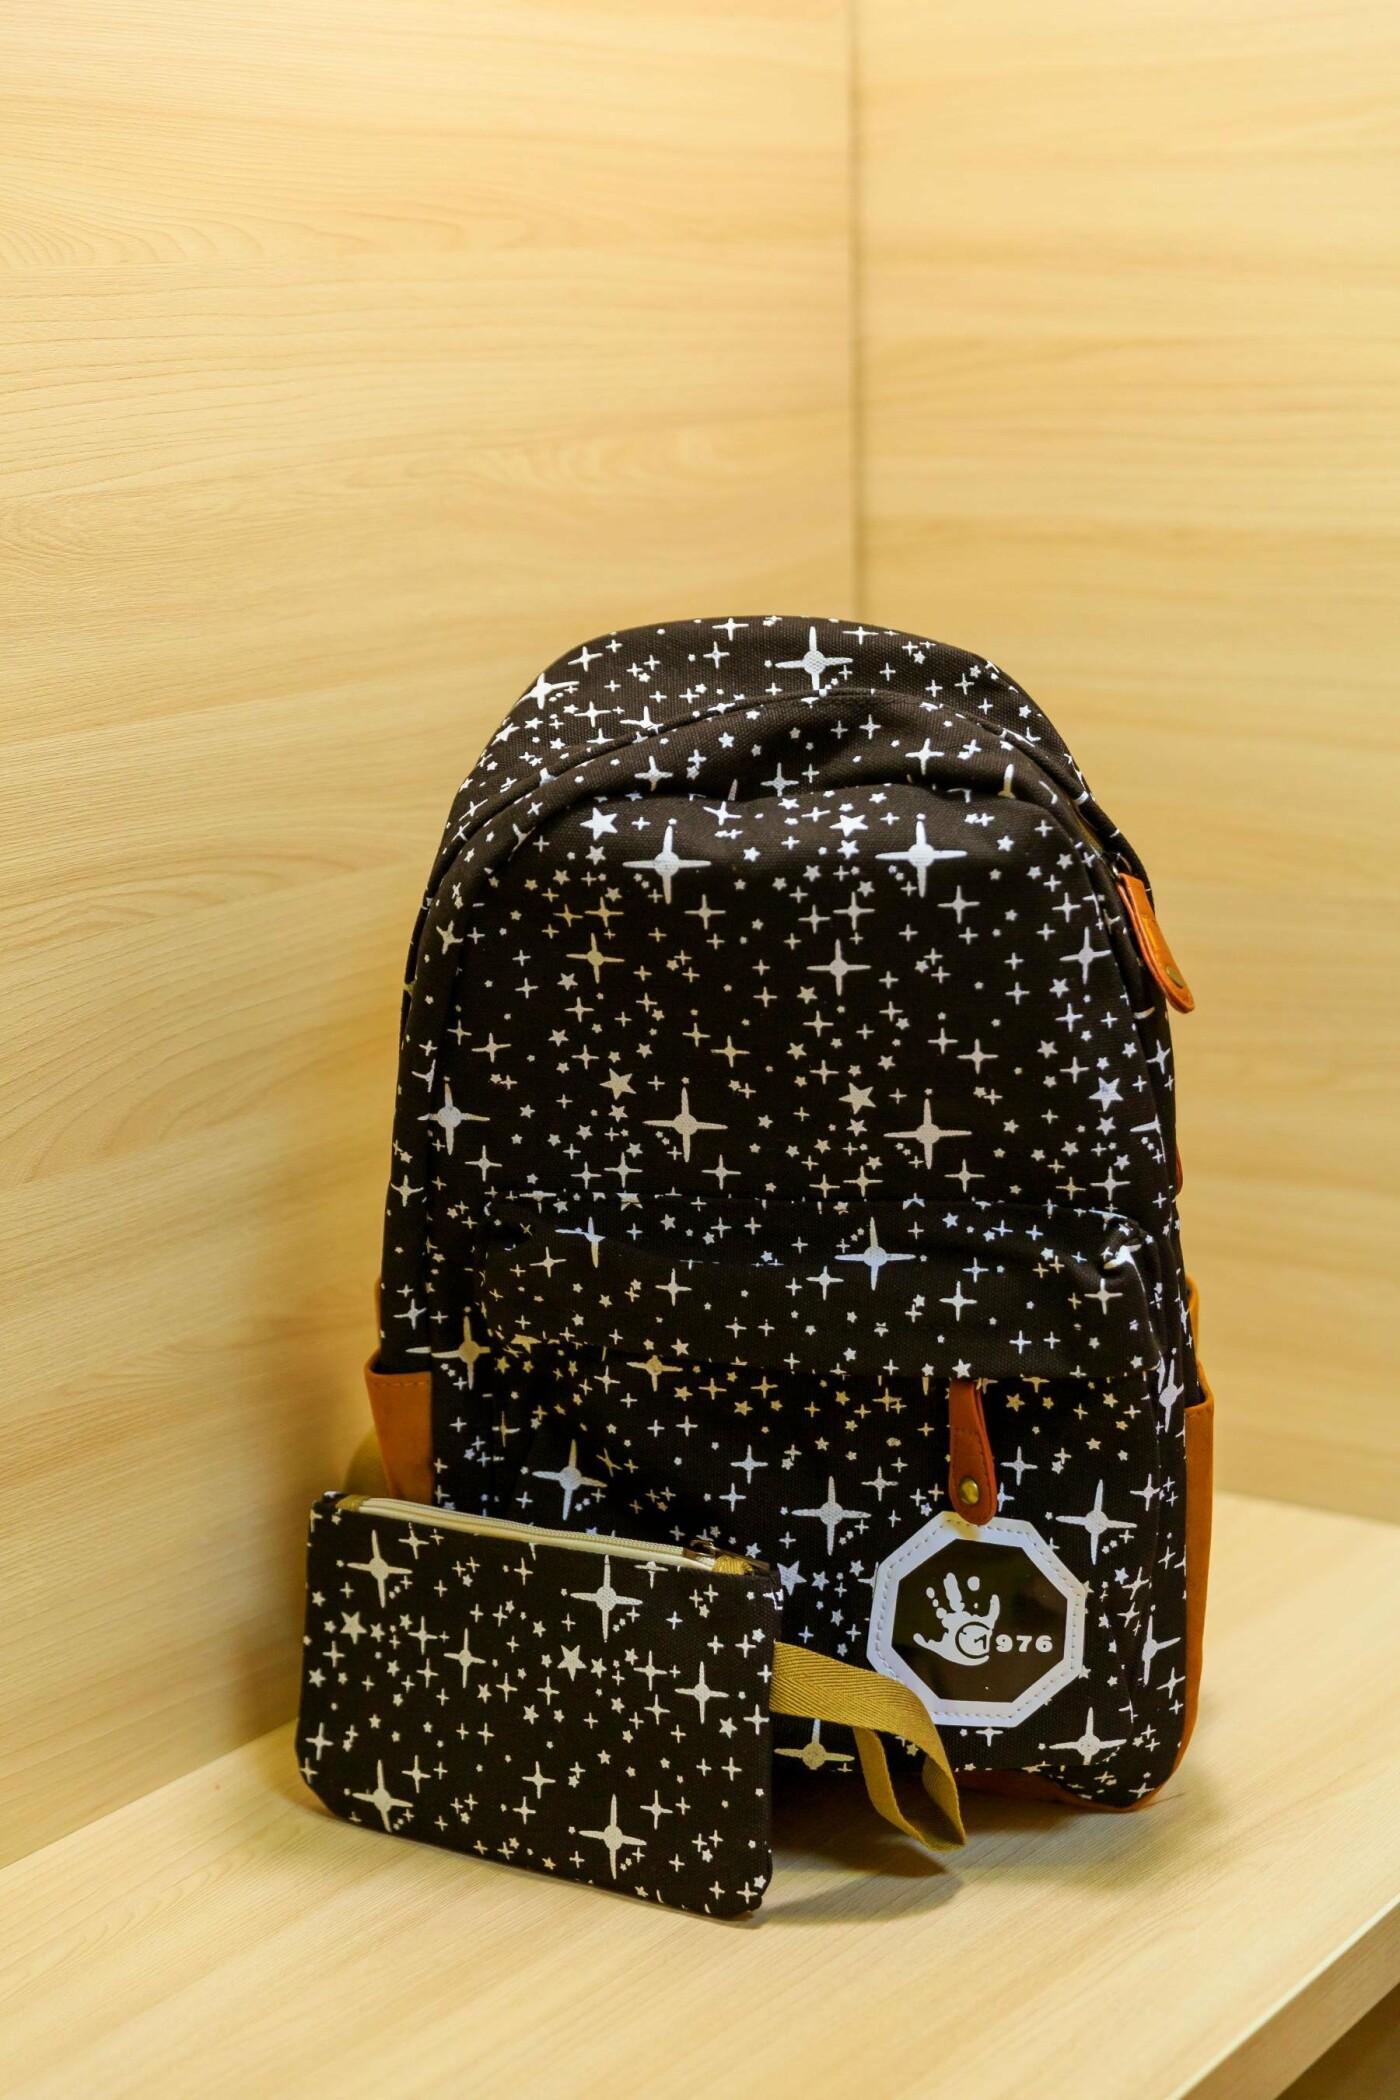 Яркие и практичные рюкзаки Rory, фото-1